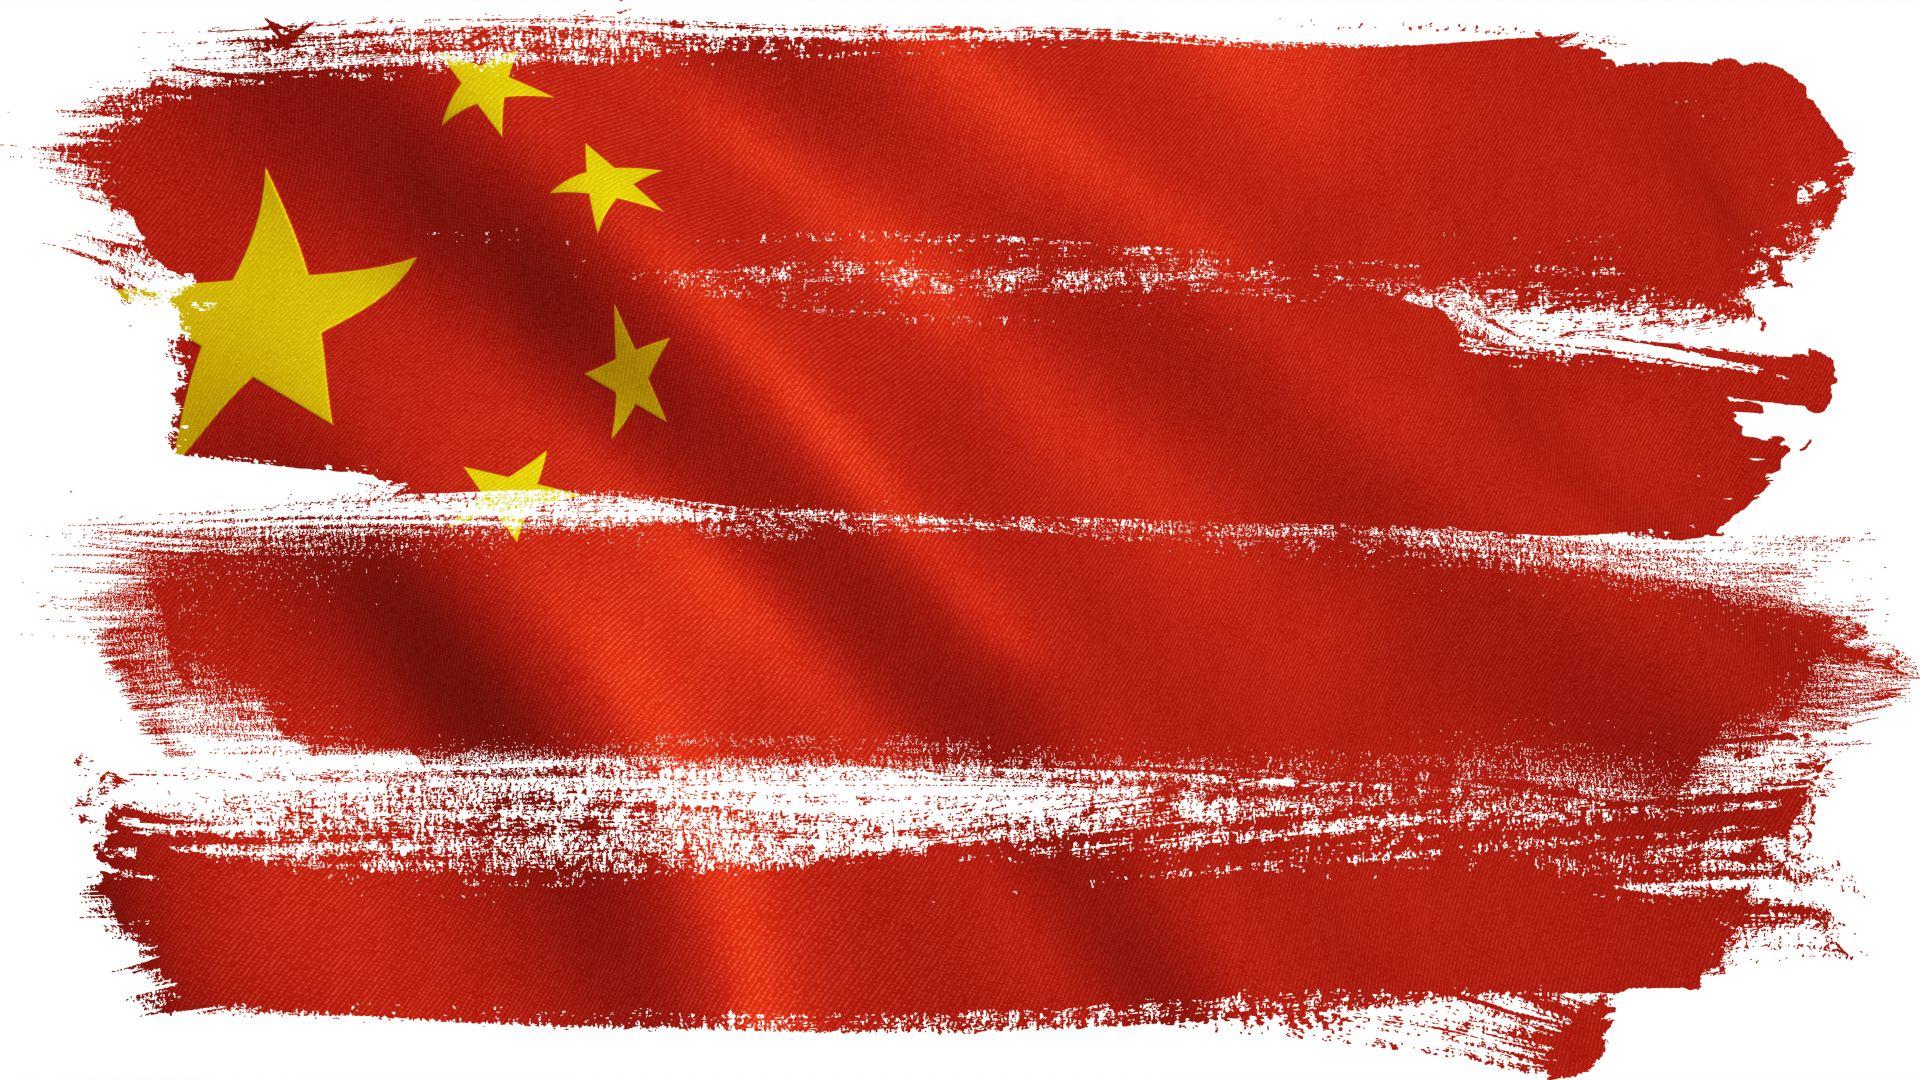 零負評VS.1分爛片 中國紀錄片「厲害了我的國」到底多厲害?